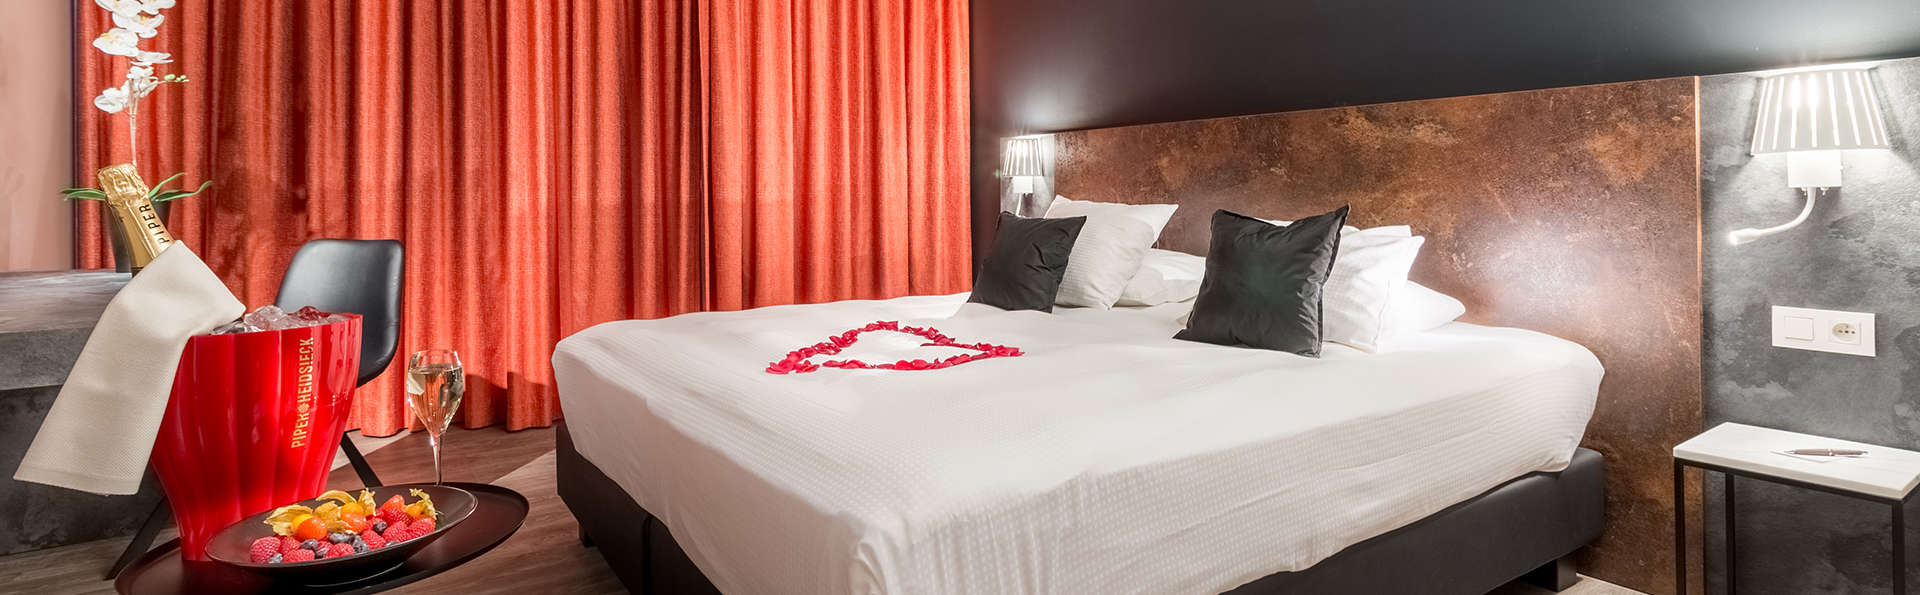 Laissez-vous tenter par un séjour romantique à Bruxelles